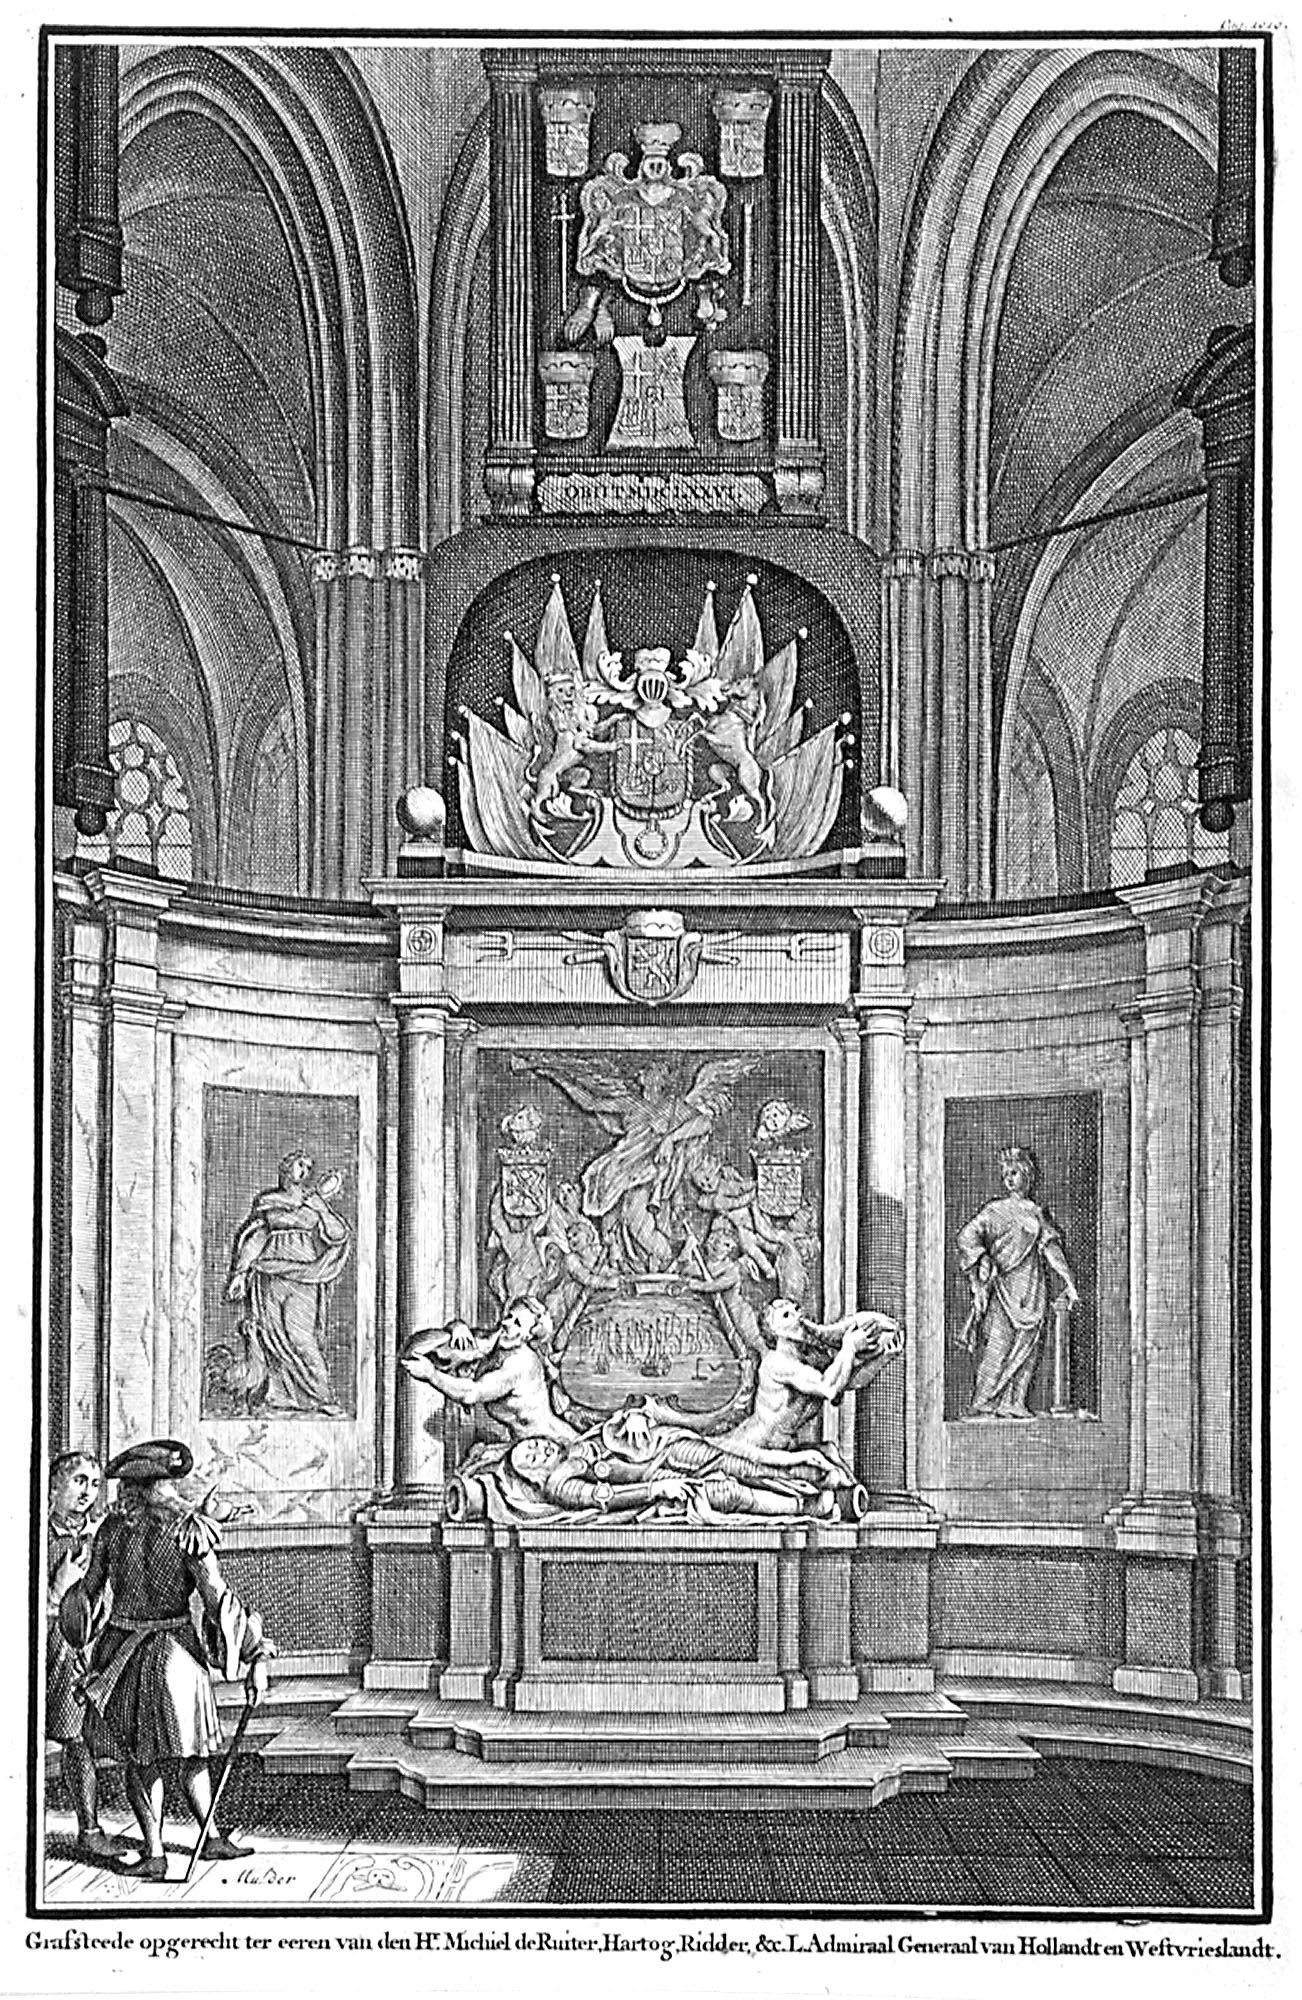 Tekening van de graftombe van Michiel de Ruyter in de Nieuwe Kerk in Amsterdam. (Zeeuws Archief, collectie Zeeuws Genootschap, Zelandia Illustrata)